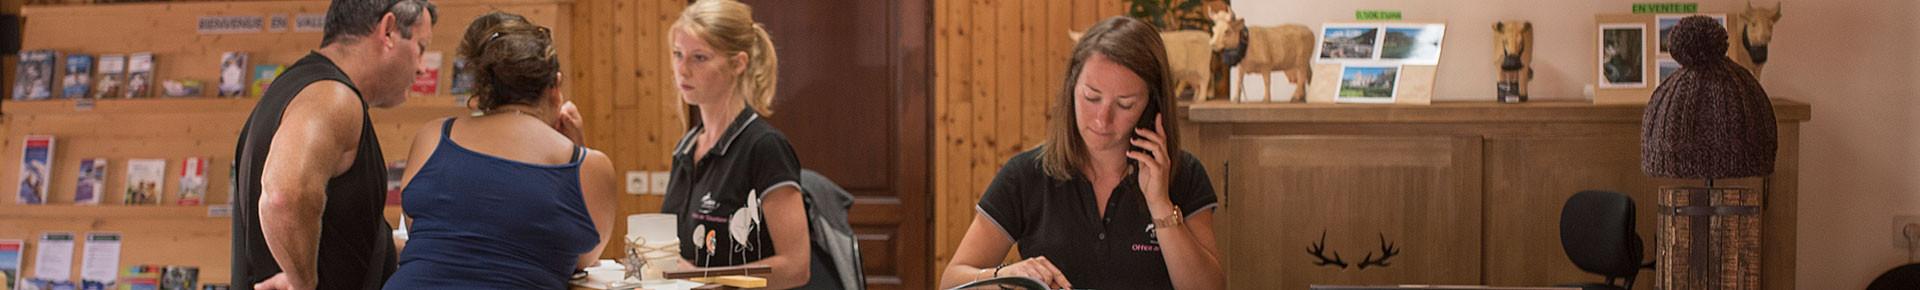 Saint jean d 39 aulps office de tourisme de la vall e d - Office du tourisme saint jean d aulps ...